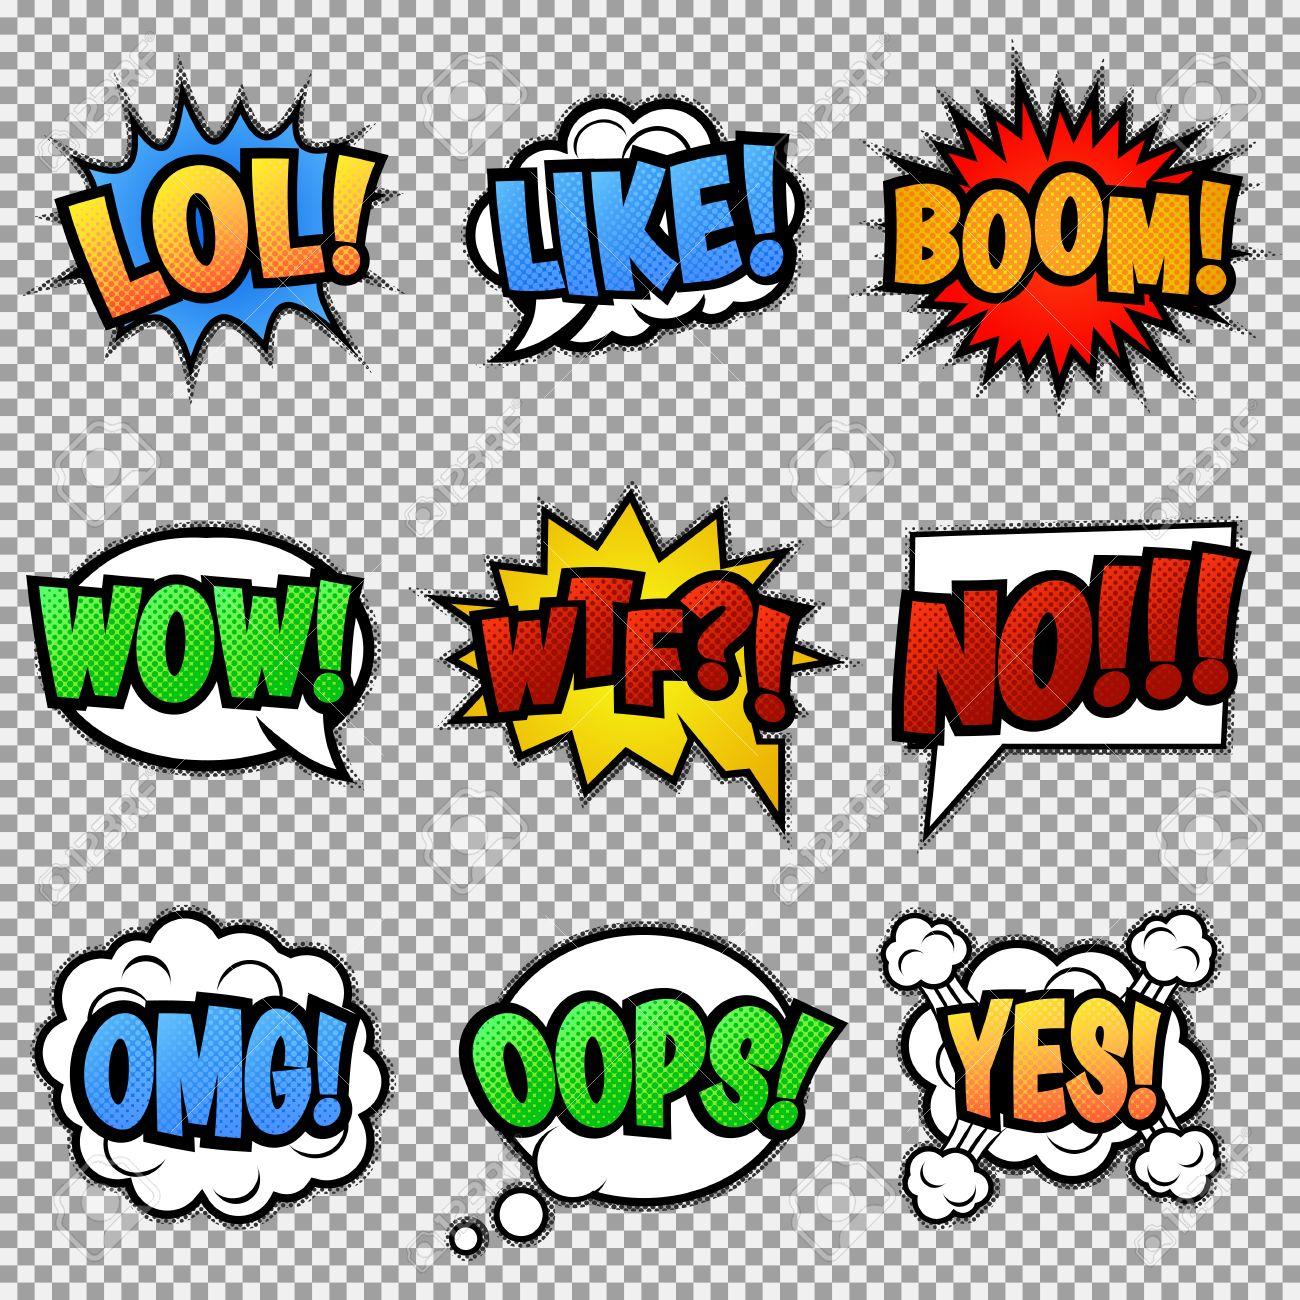 Banque dimages ensemble de neuf différents autocollants comiques colorés discours dart pop bulles avec lol like boom wow wtf no omg oops